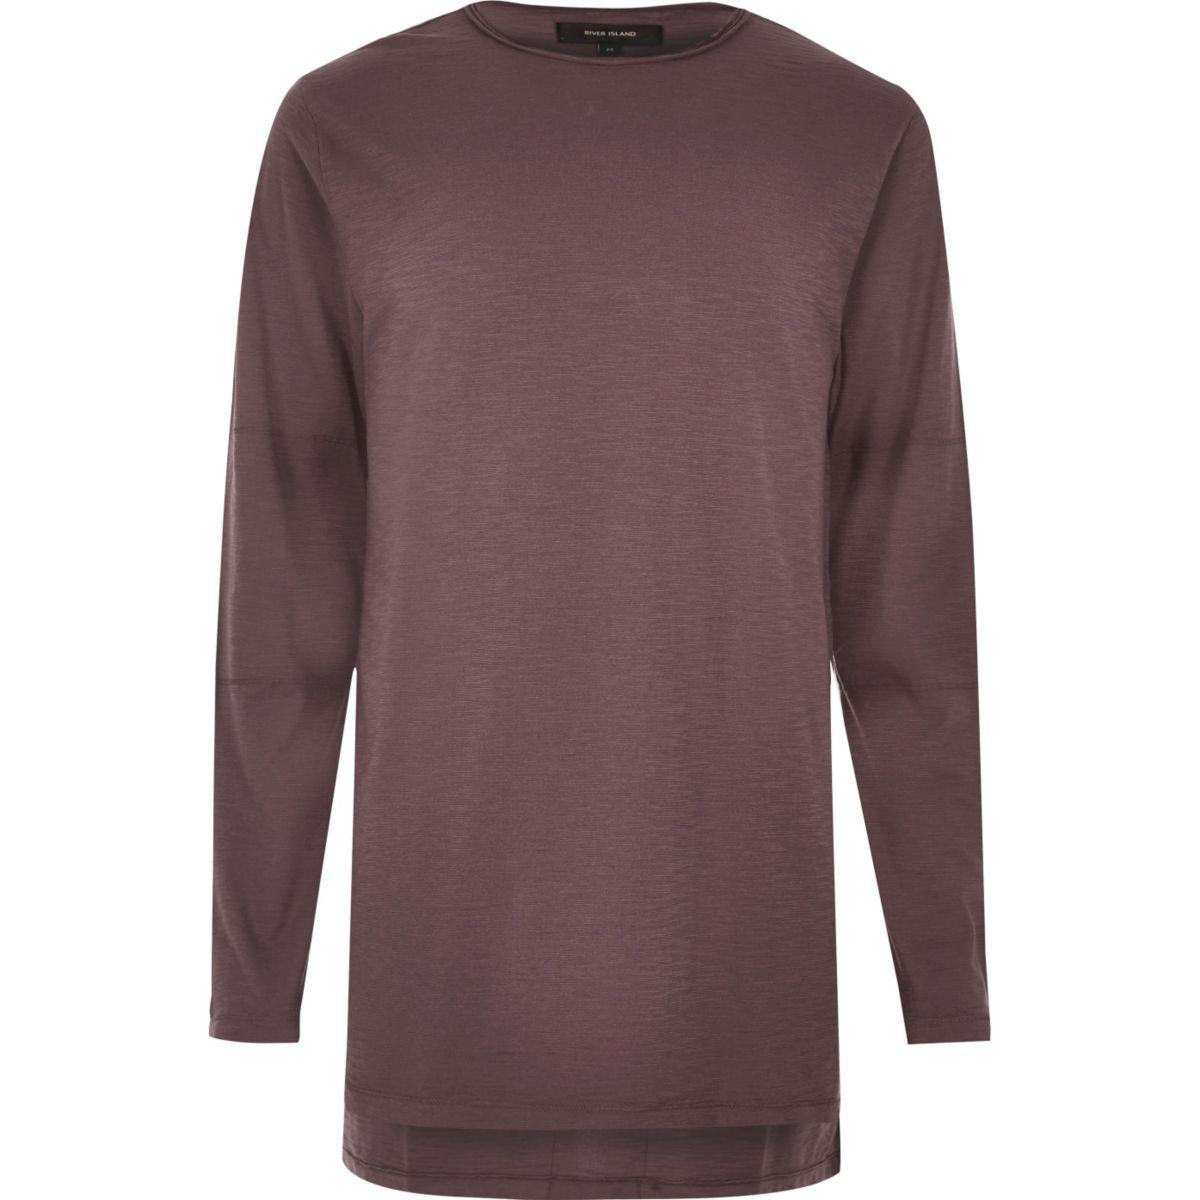 Purple longline long sleeve T-shirt